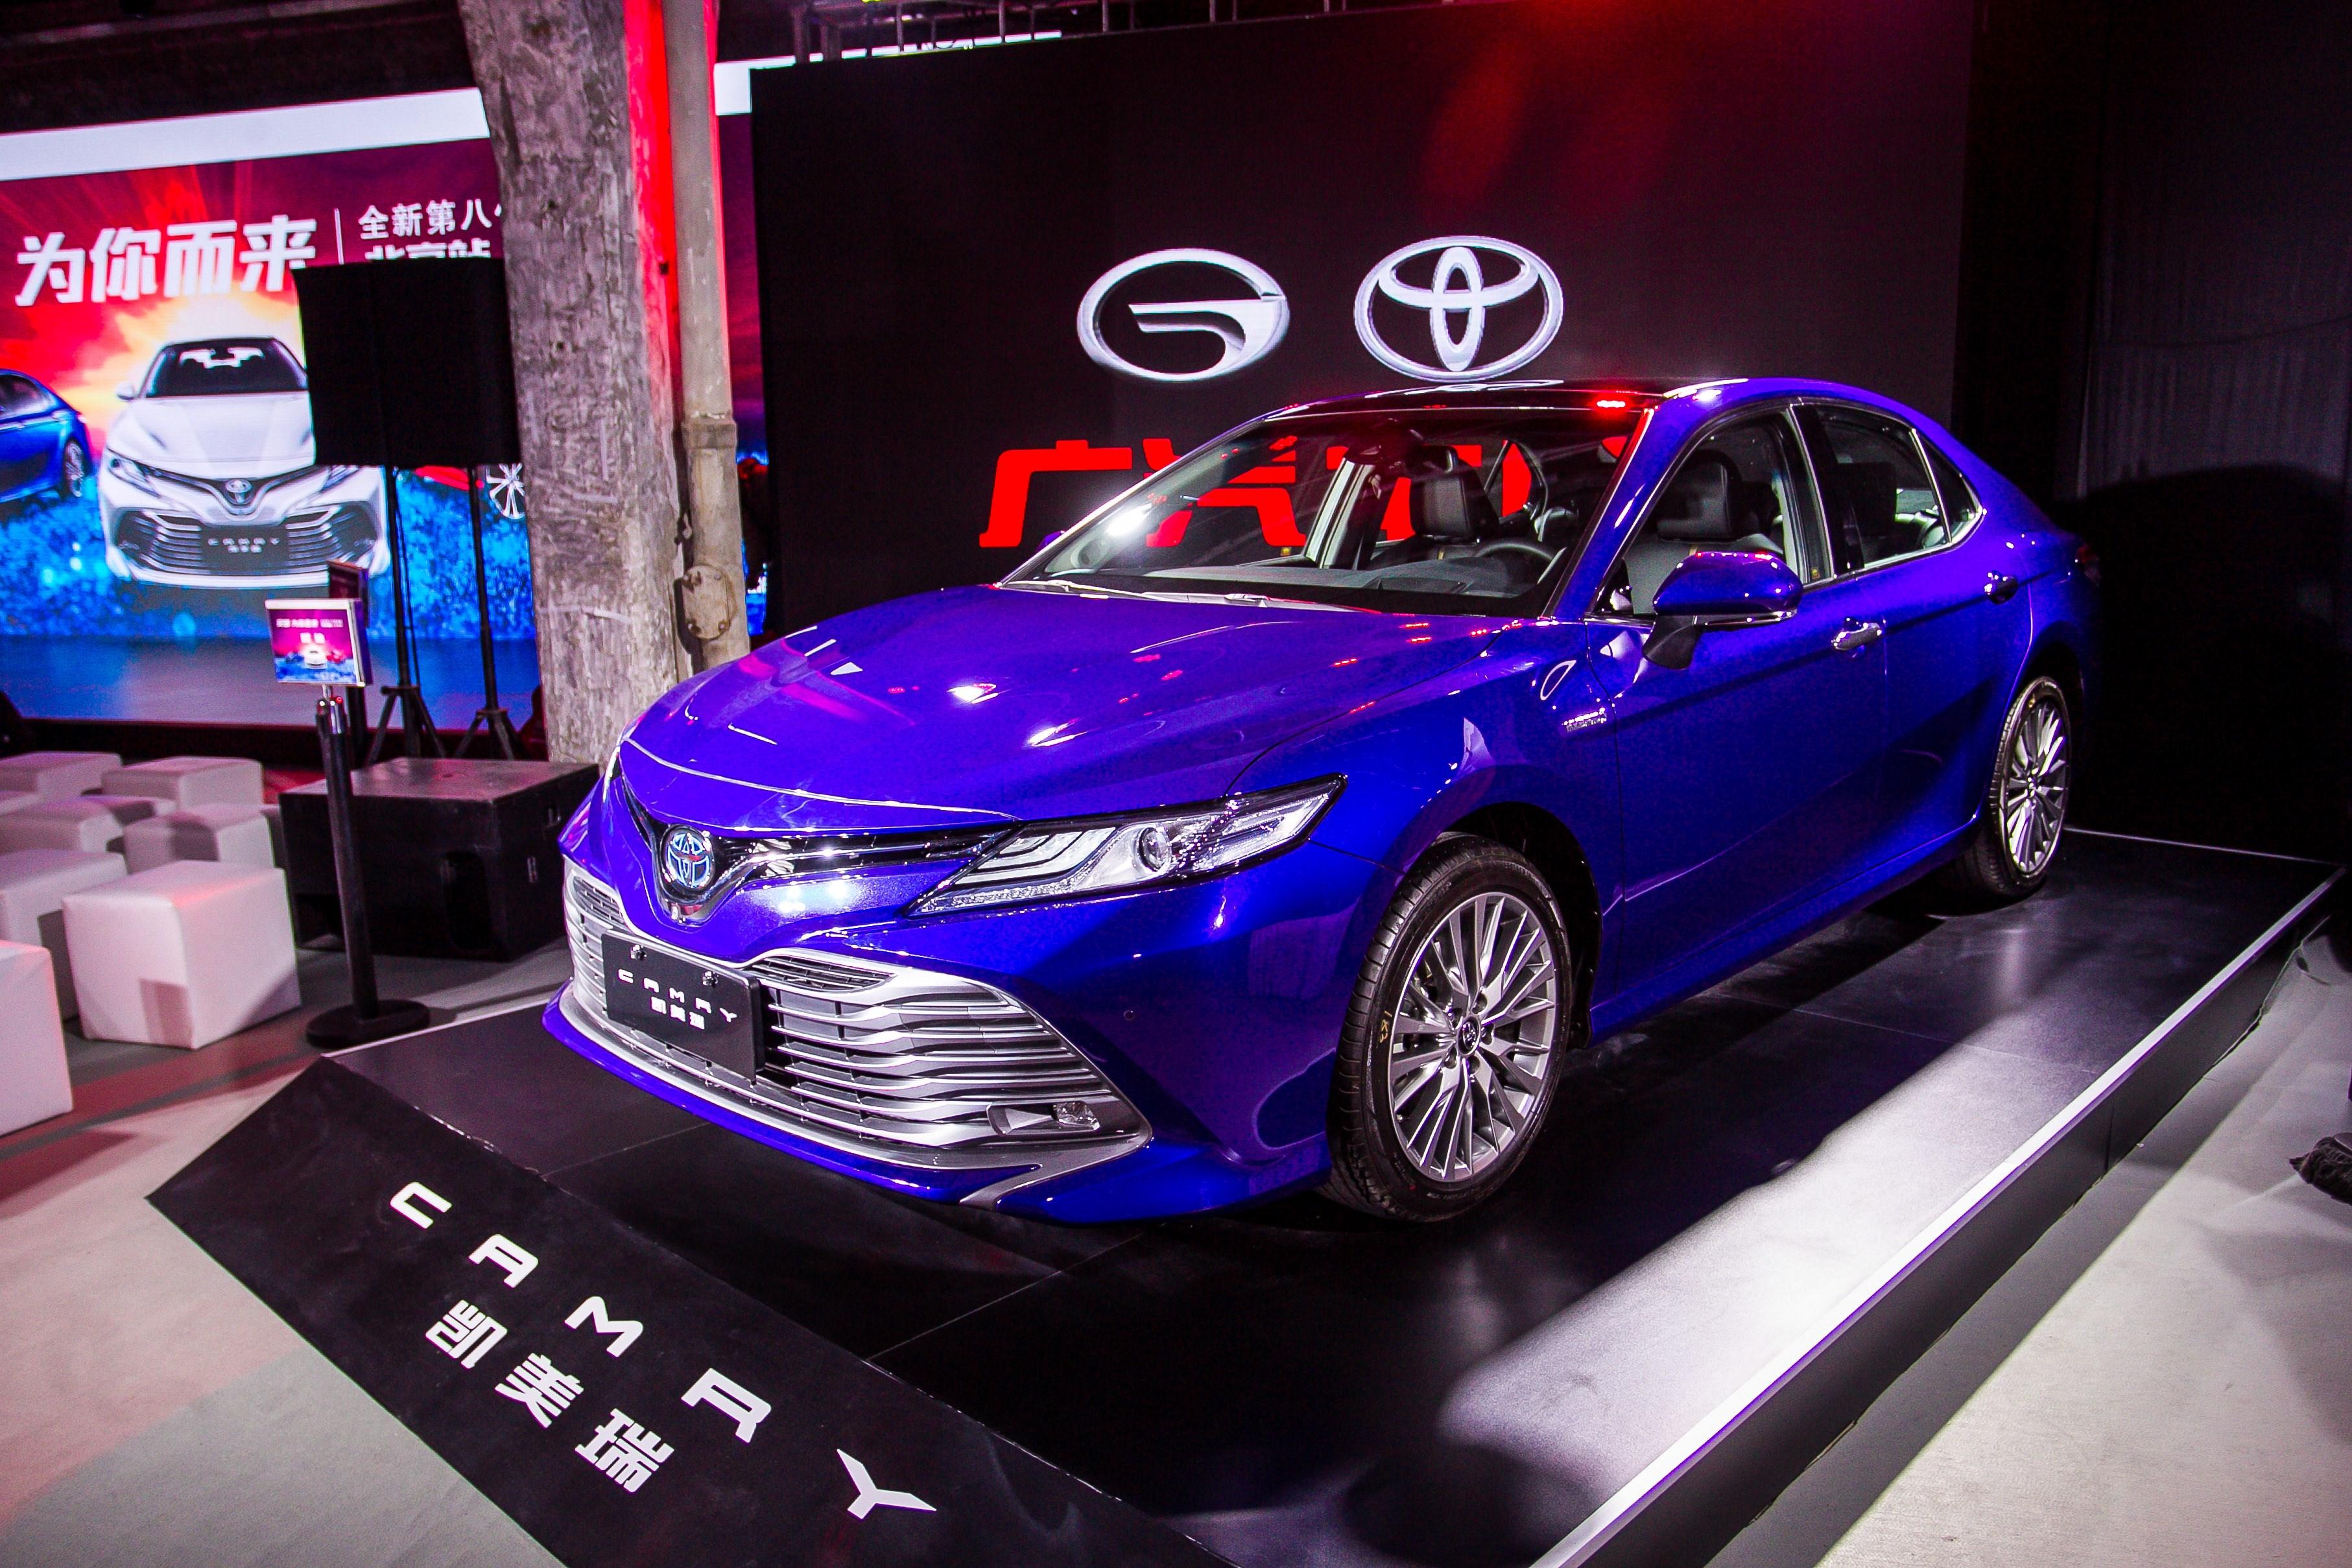 全新第八代凯美瑞到店上市 TNGA中国首款战略轿车